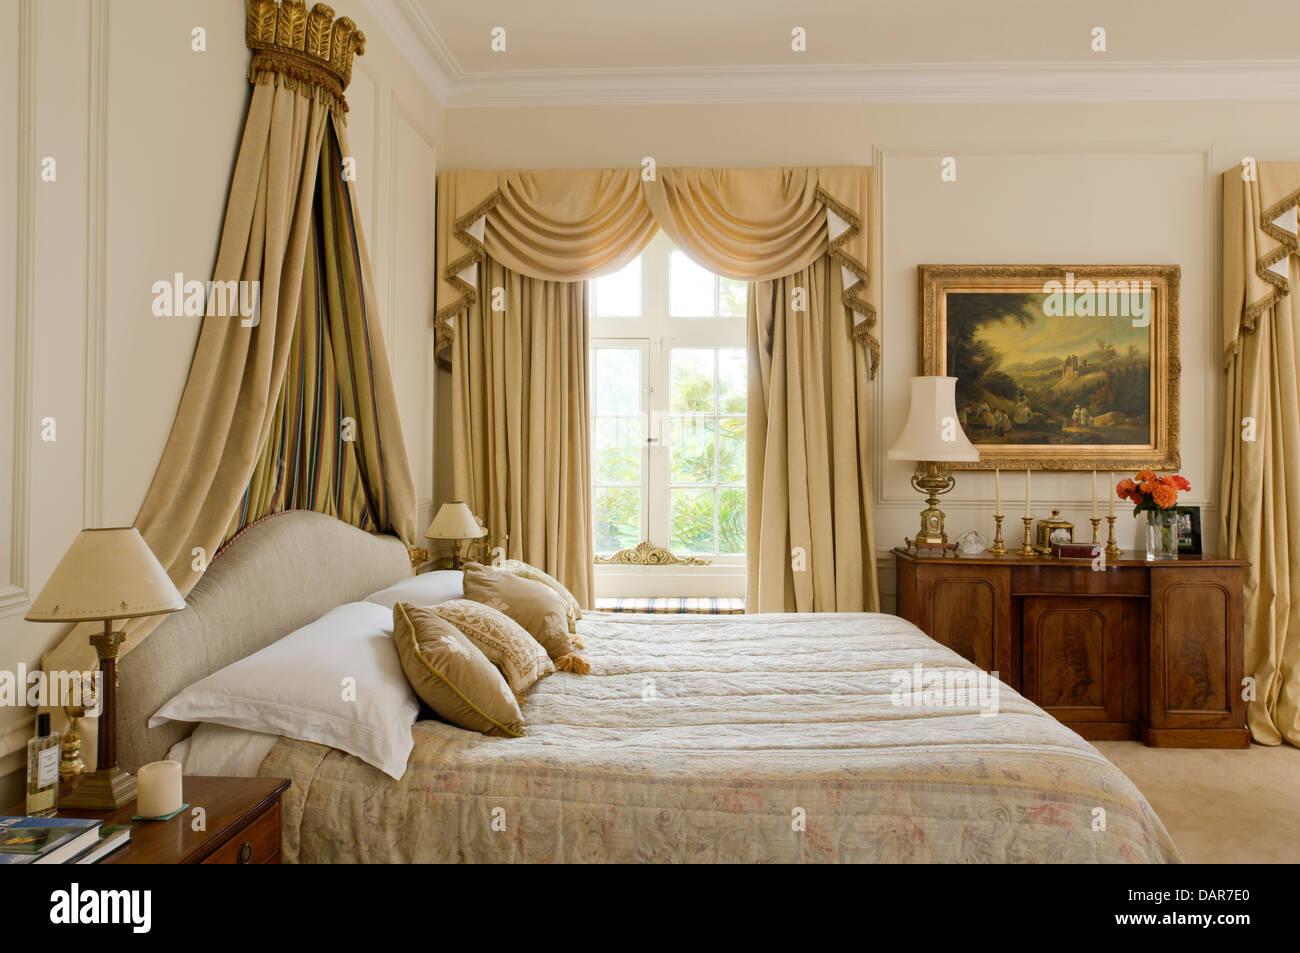 Bett mit vergoldeten Coronet in Schlafzimmer mit voller Länge blass ...